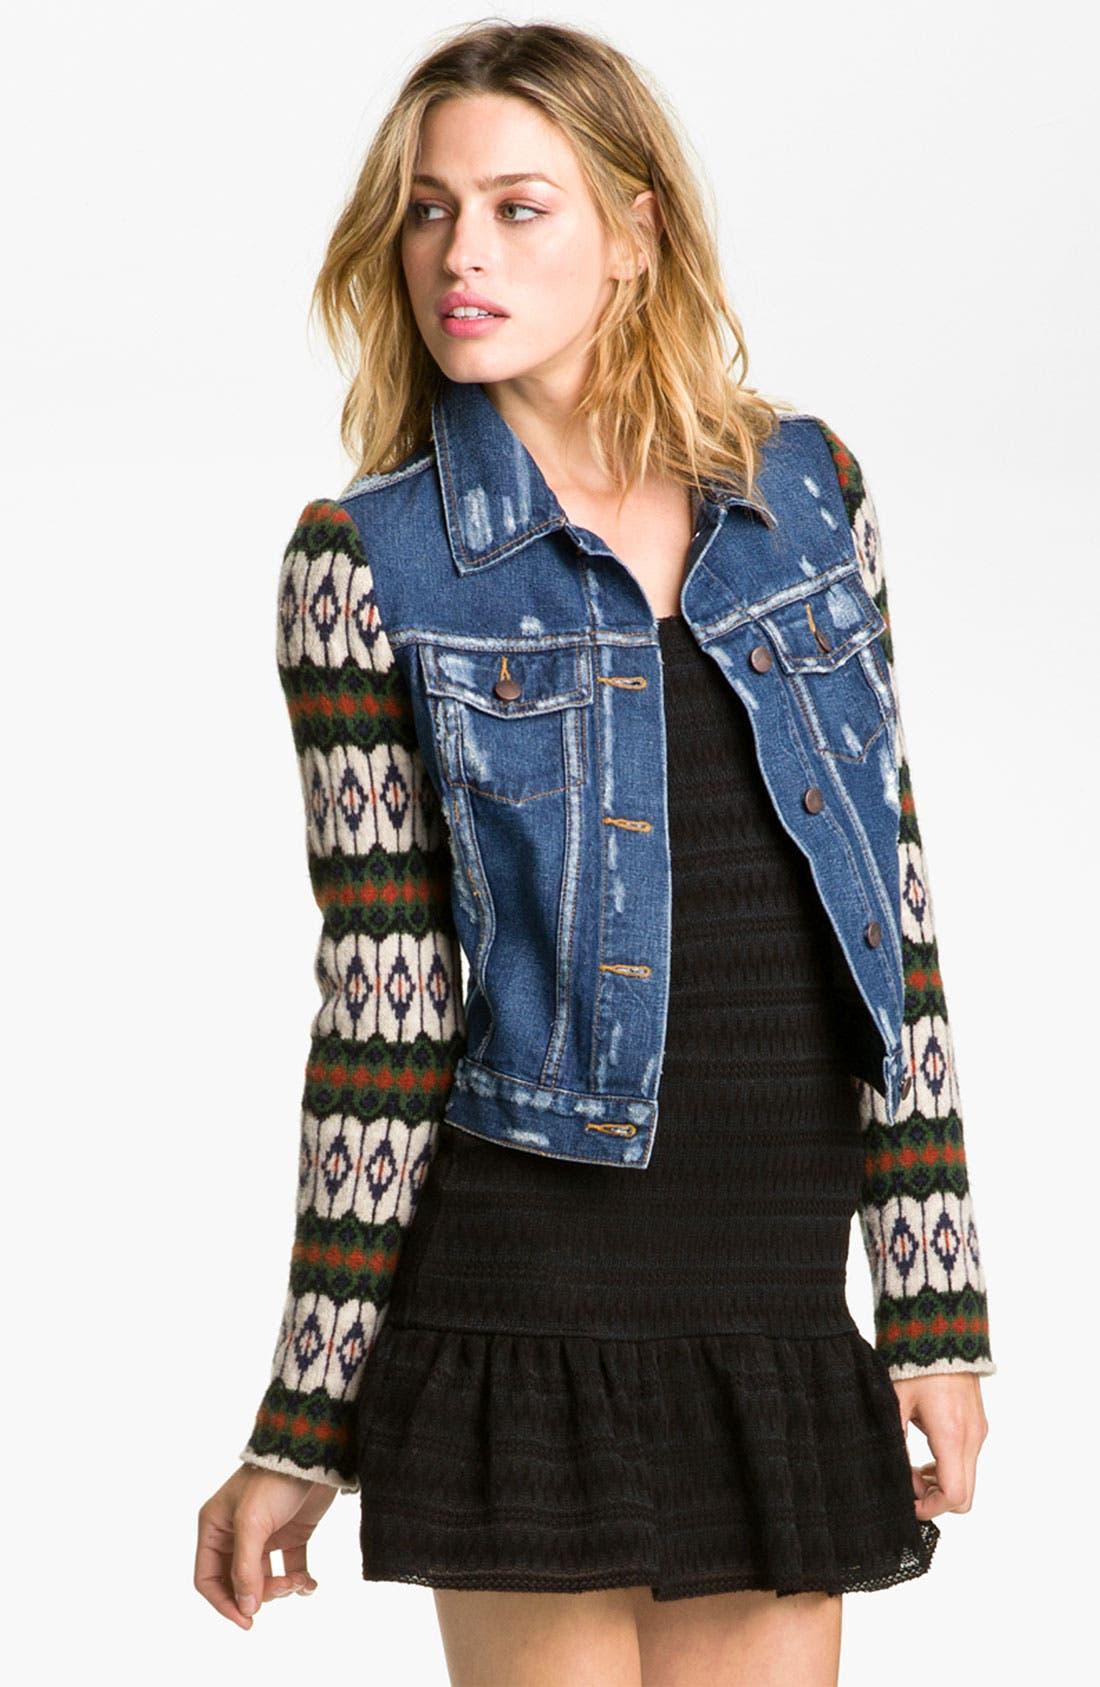 Alternate Image 1 Selected - Free People 'Cypress' Sweater Sleeve Denim Jacket